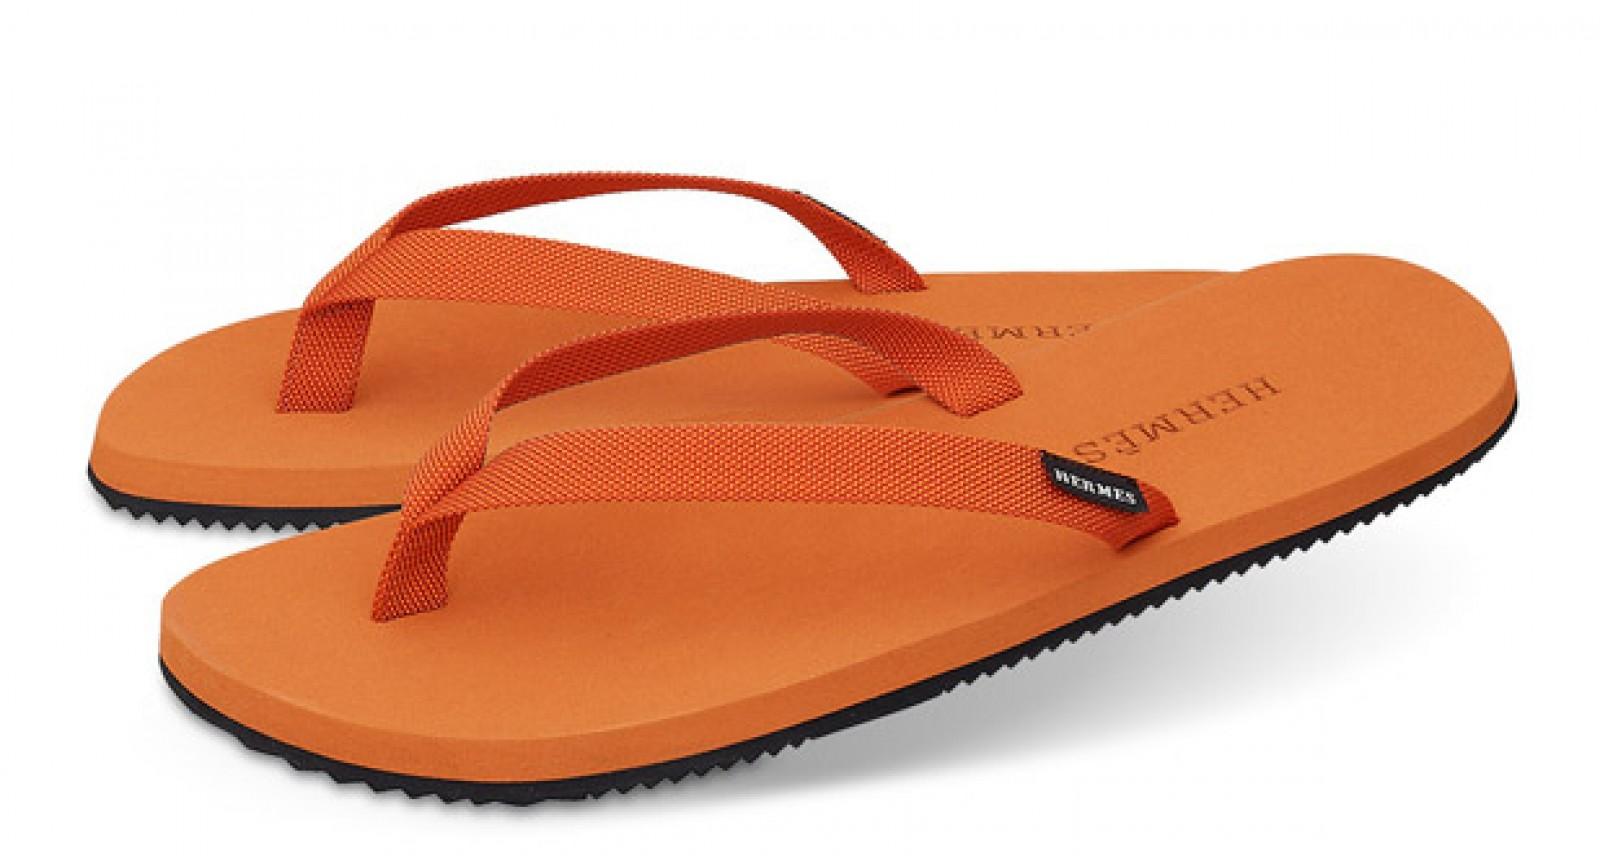 45eeef3d5454 Hermes Sandal Flip Flop